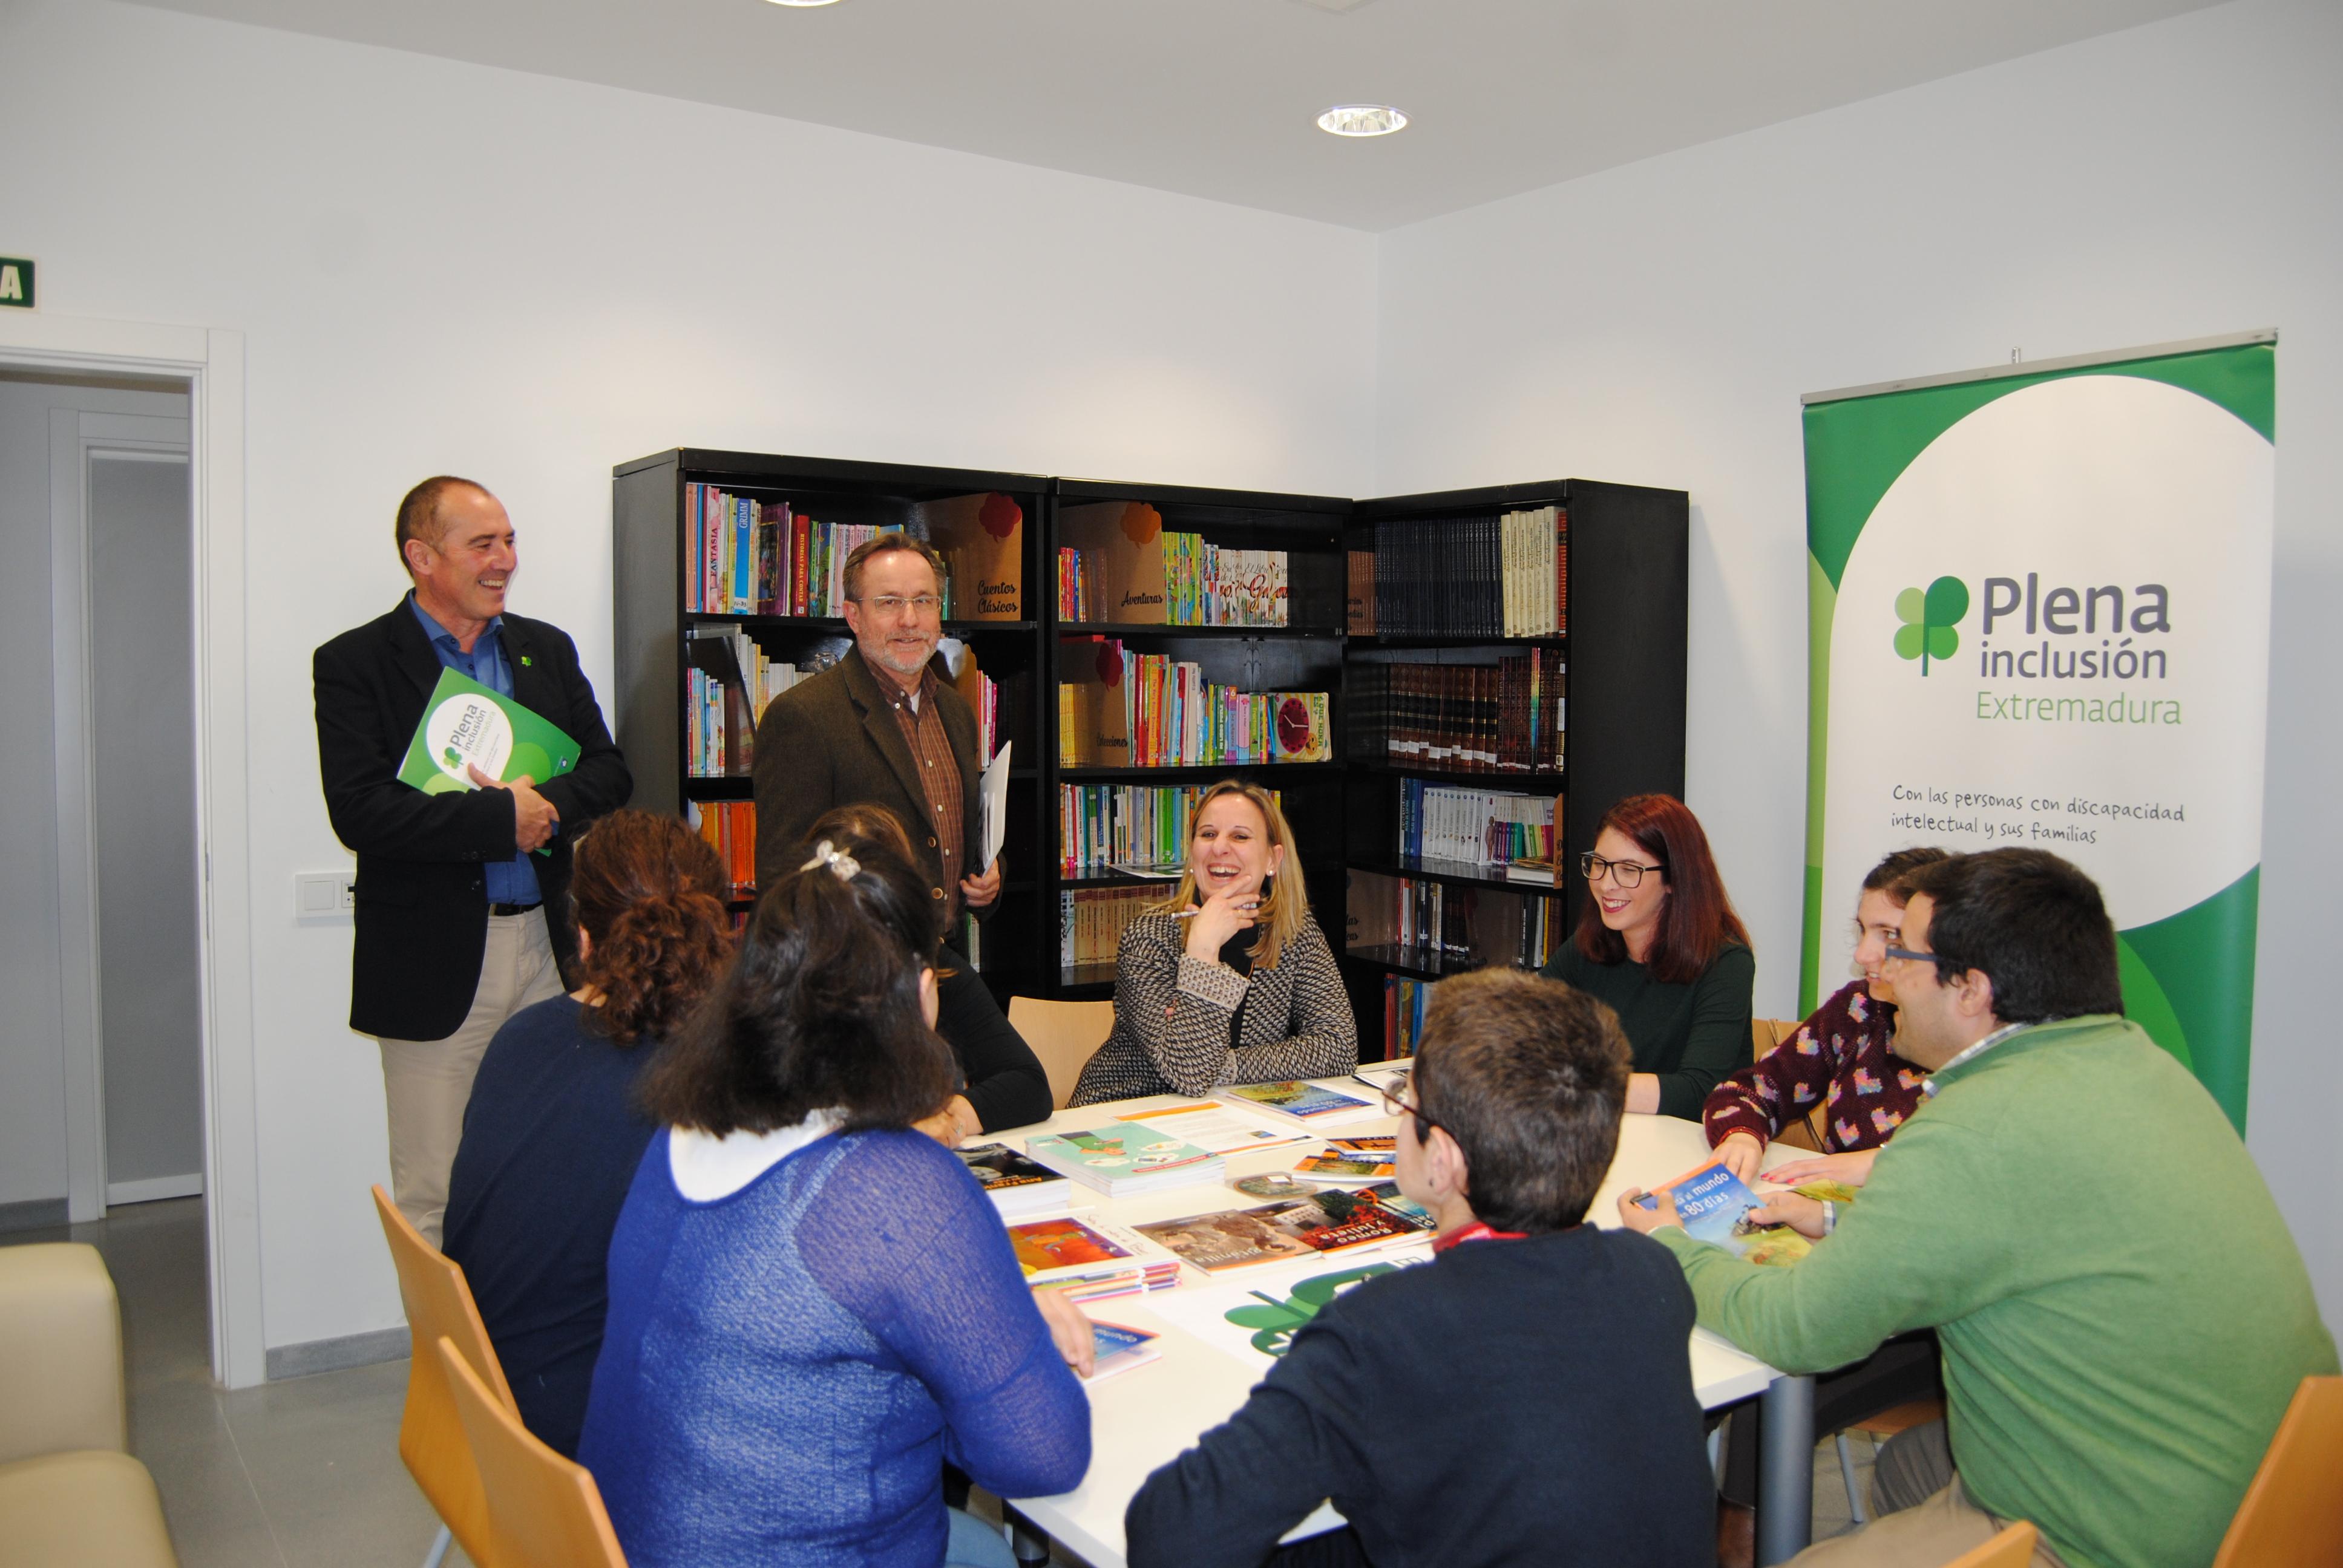 Plena inclusión Extremadura inscribe sus clubes de lectura fácil en el Registro del Plan de Fomento de la Lectura